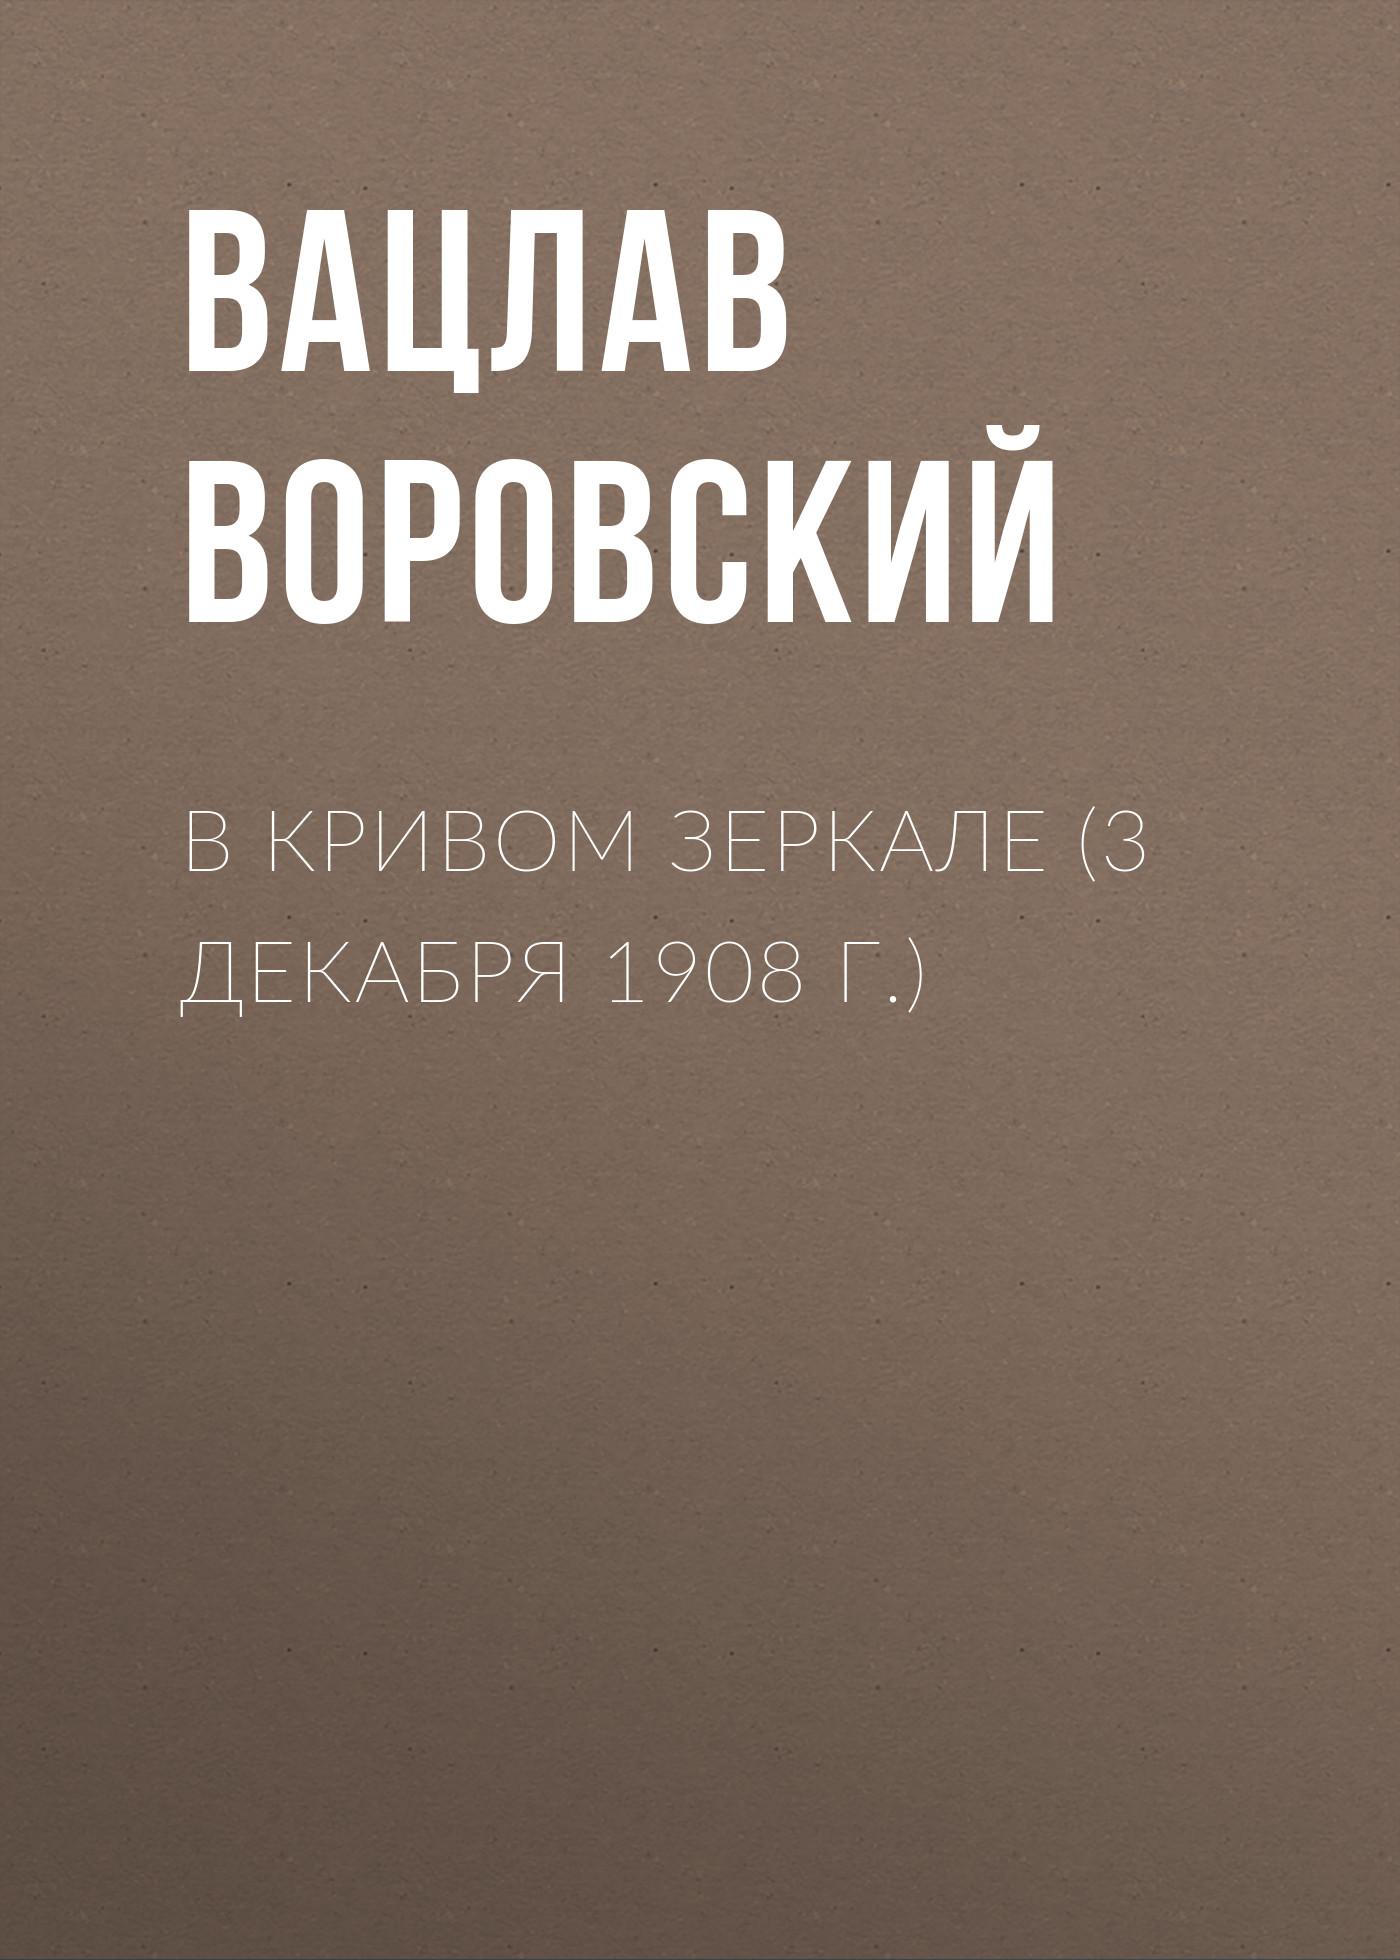 Вацлав Воровский В кривом зеркале (3 декабря 1908 г.)